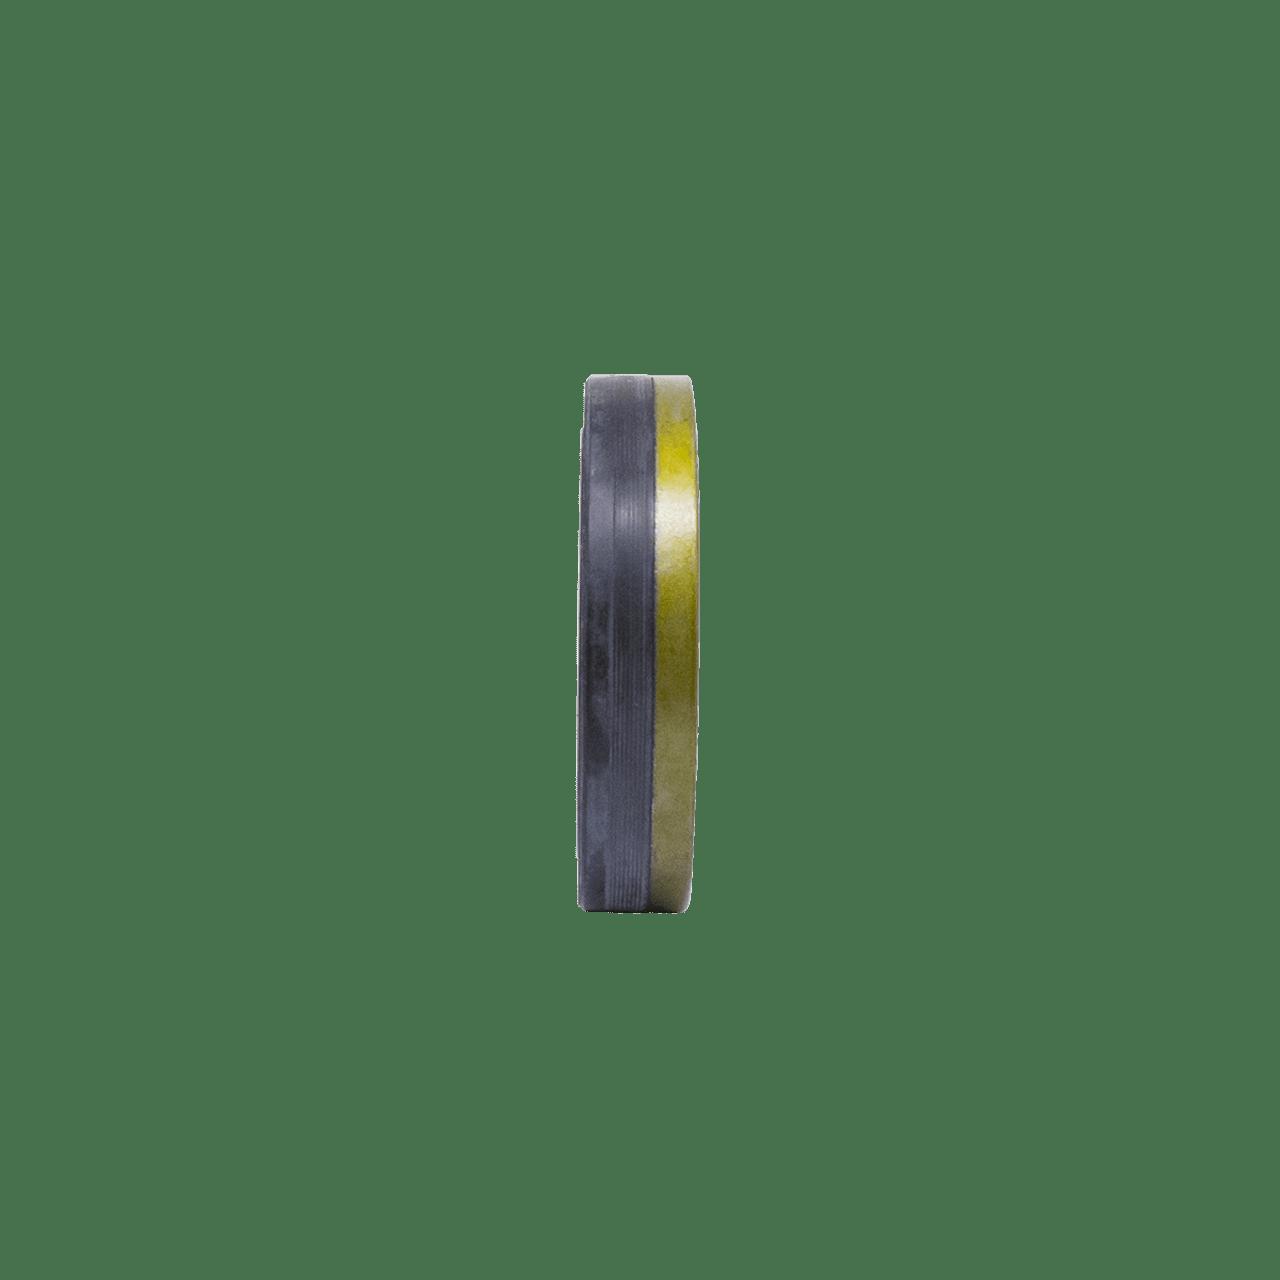 """91030 --- Unitized Oil Seal - 3.784"""" Outer Diameter - 2.75"""" Inner Diameter - Pair"""